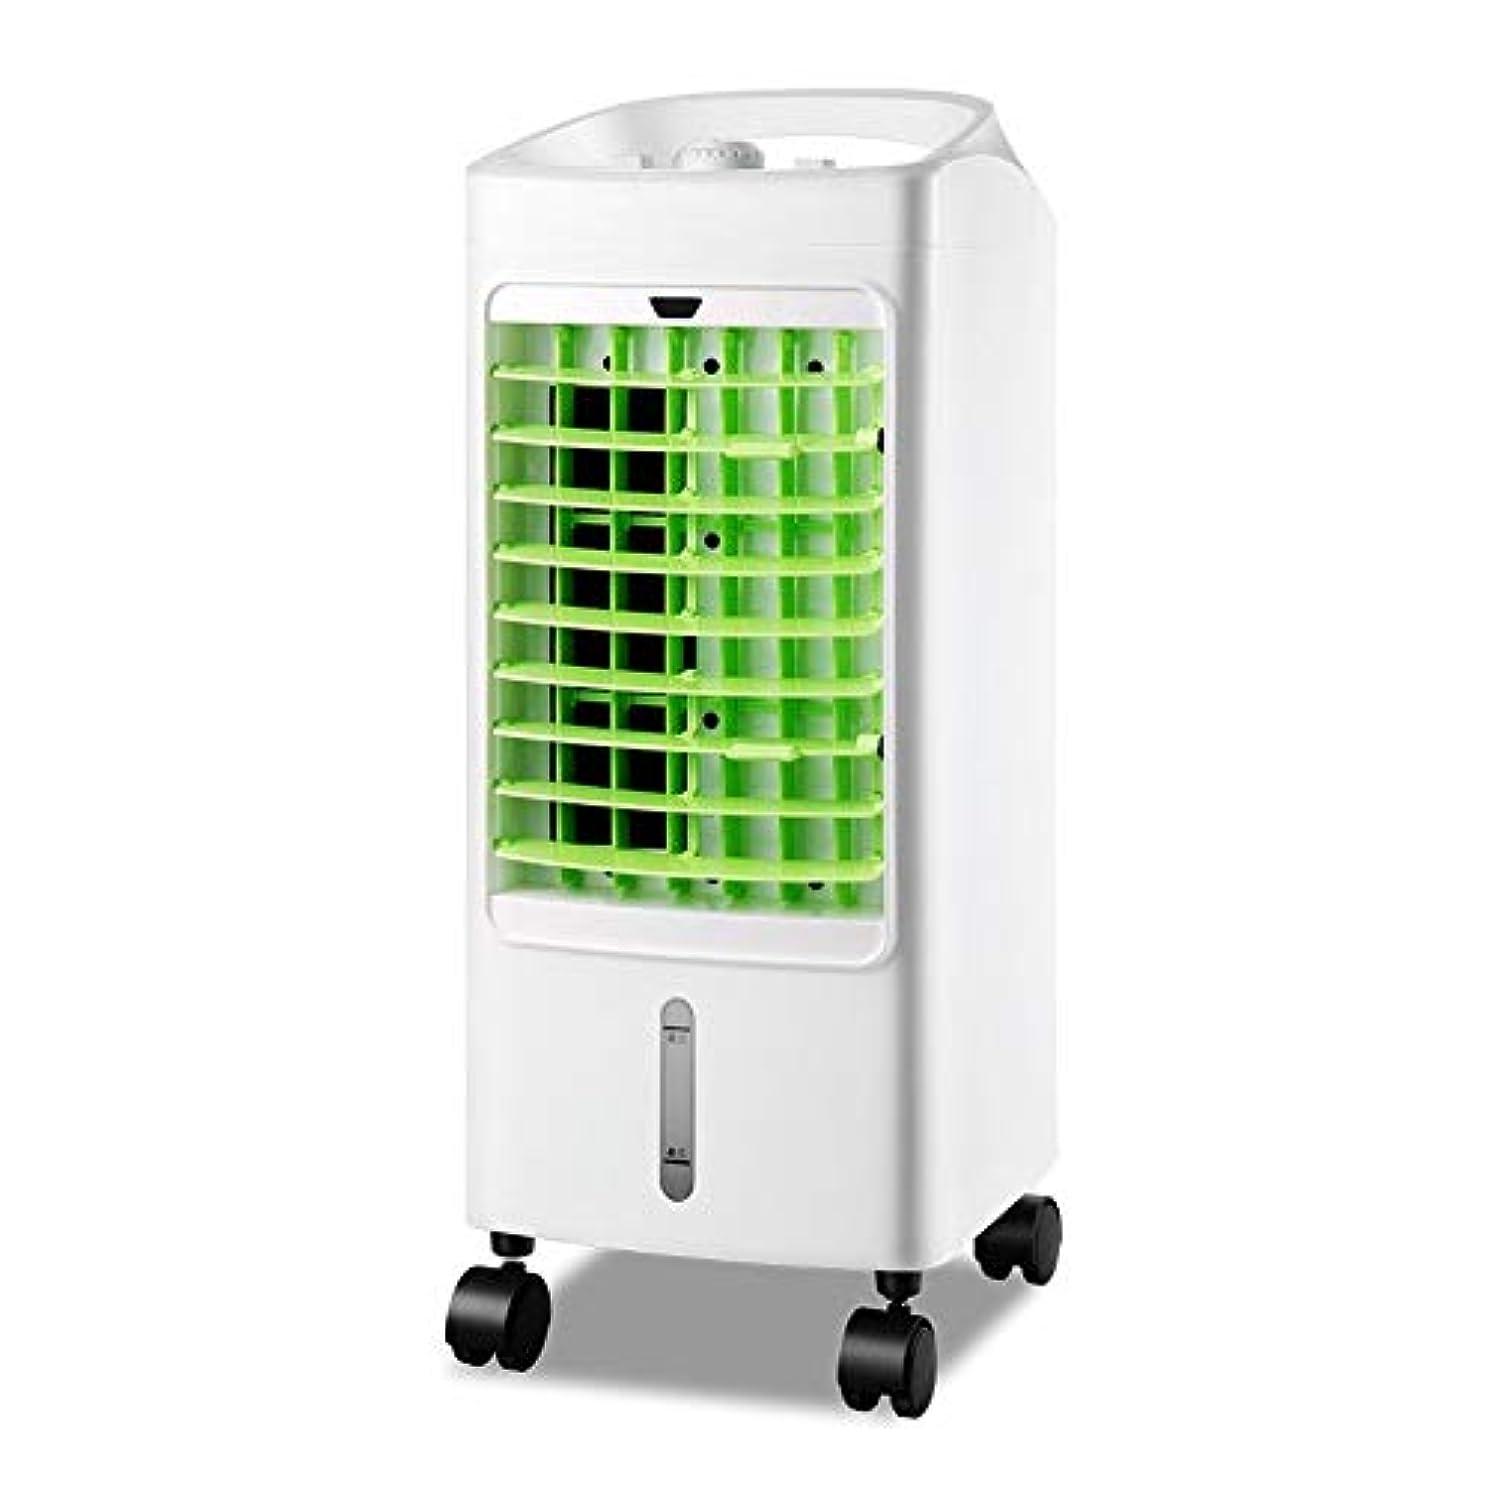 分析的な服平らなLPD-冷風機 機械的に制御された単一の冷却された空気クーラーの携帯用蒸発冷却の冷たい空気加湿空気浄化